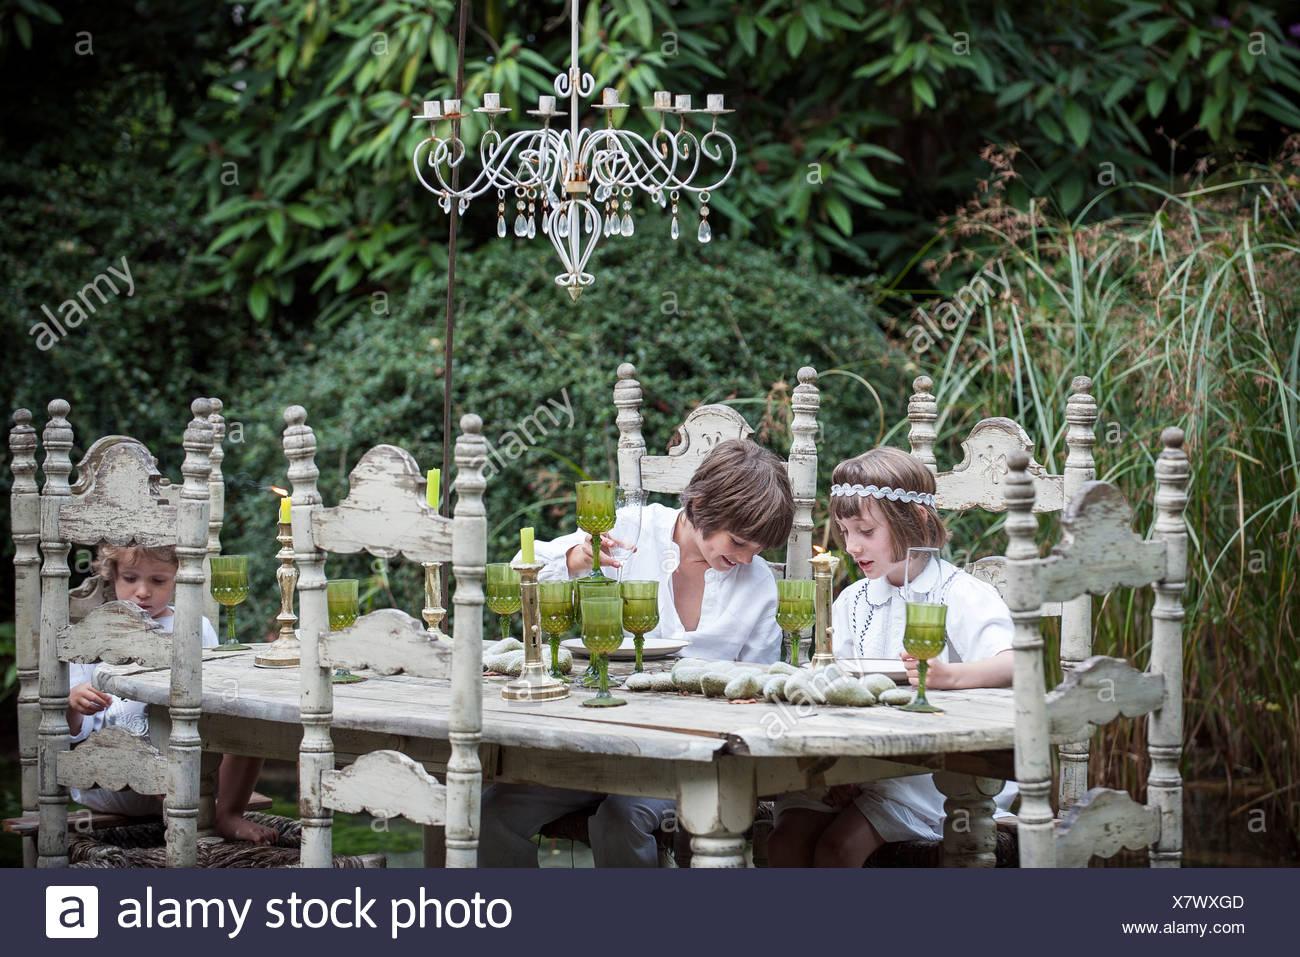 Kinder, die an reich verzierten Esstisch im Freien sitzen Stockbild